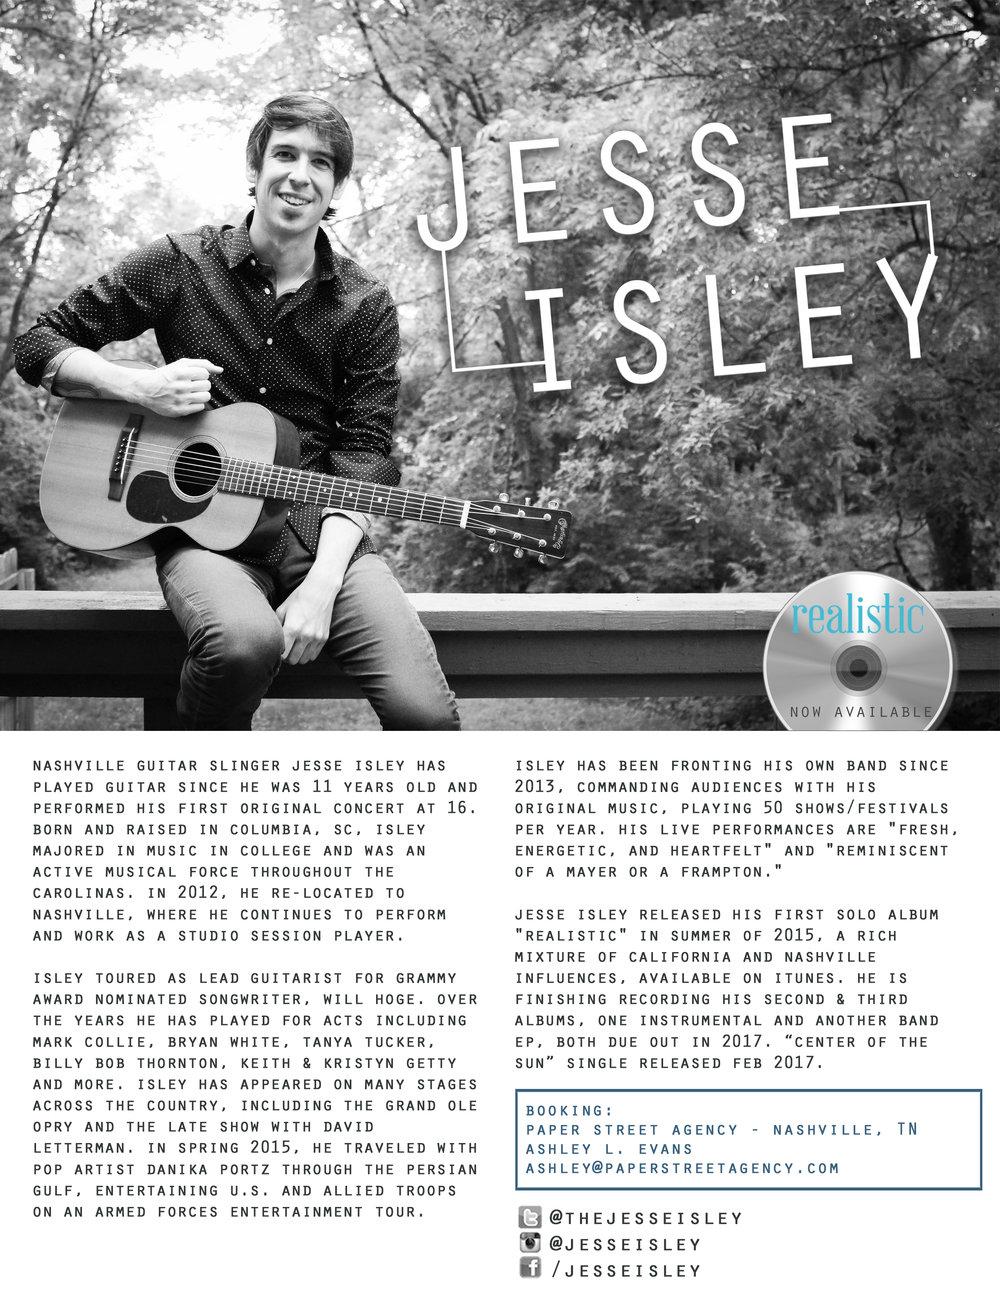 JesseIsley_Epk.jpg